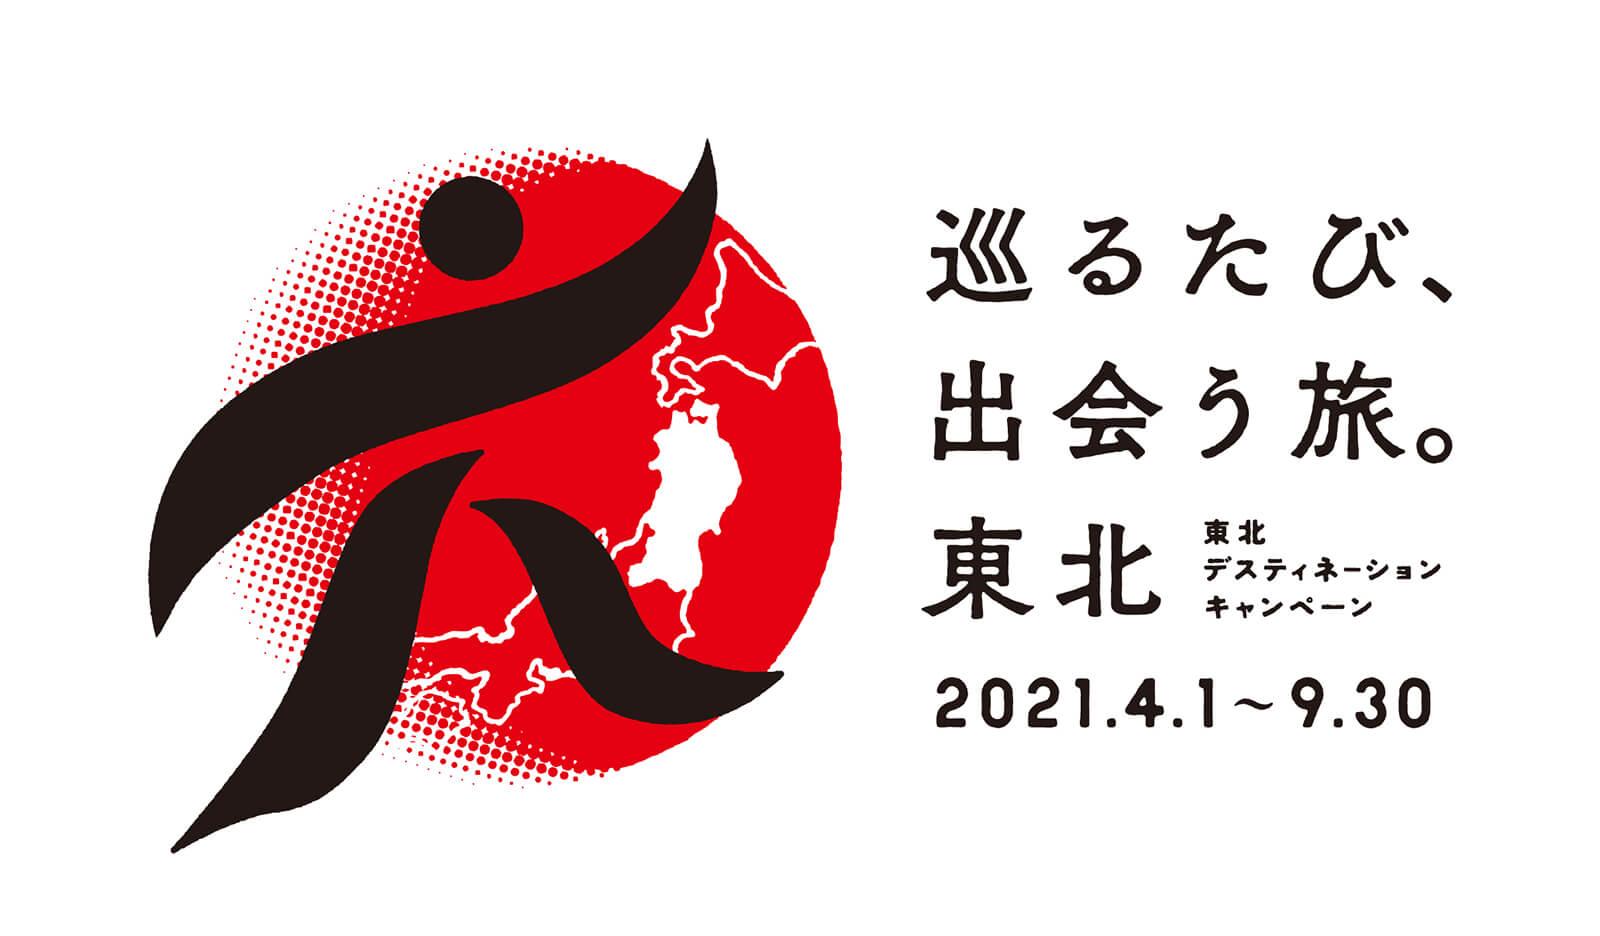 東北デスティネーションキャンペーン 2021年4月1日(木)~9月30日(木)